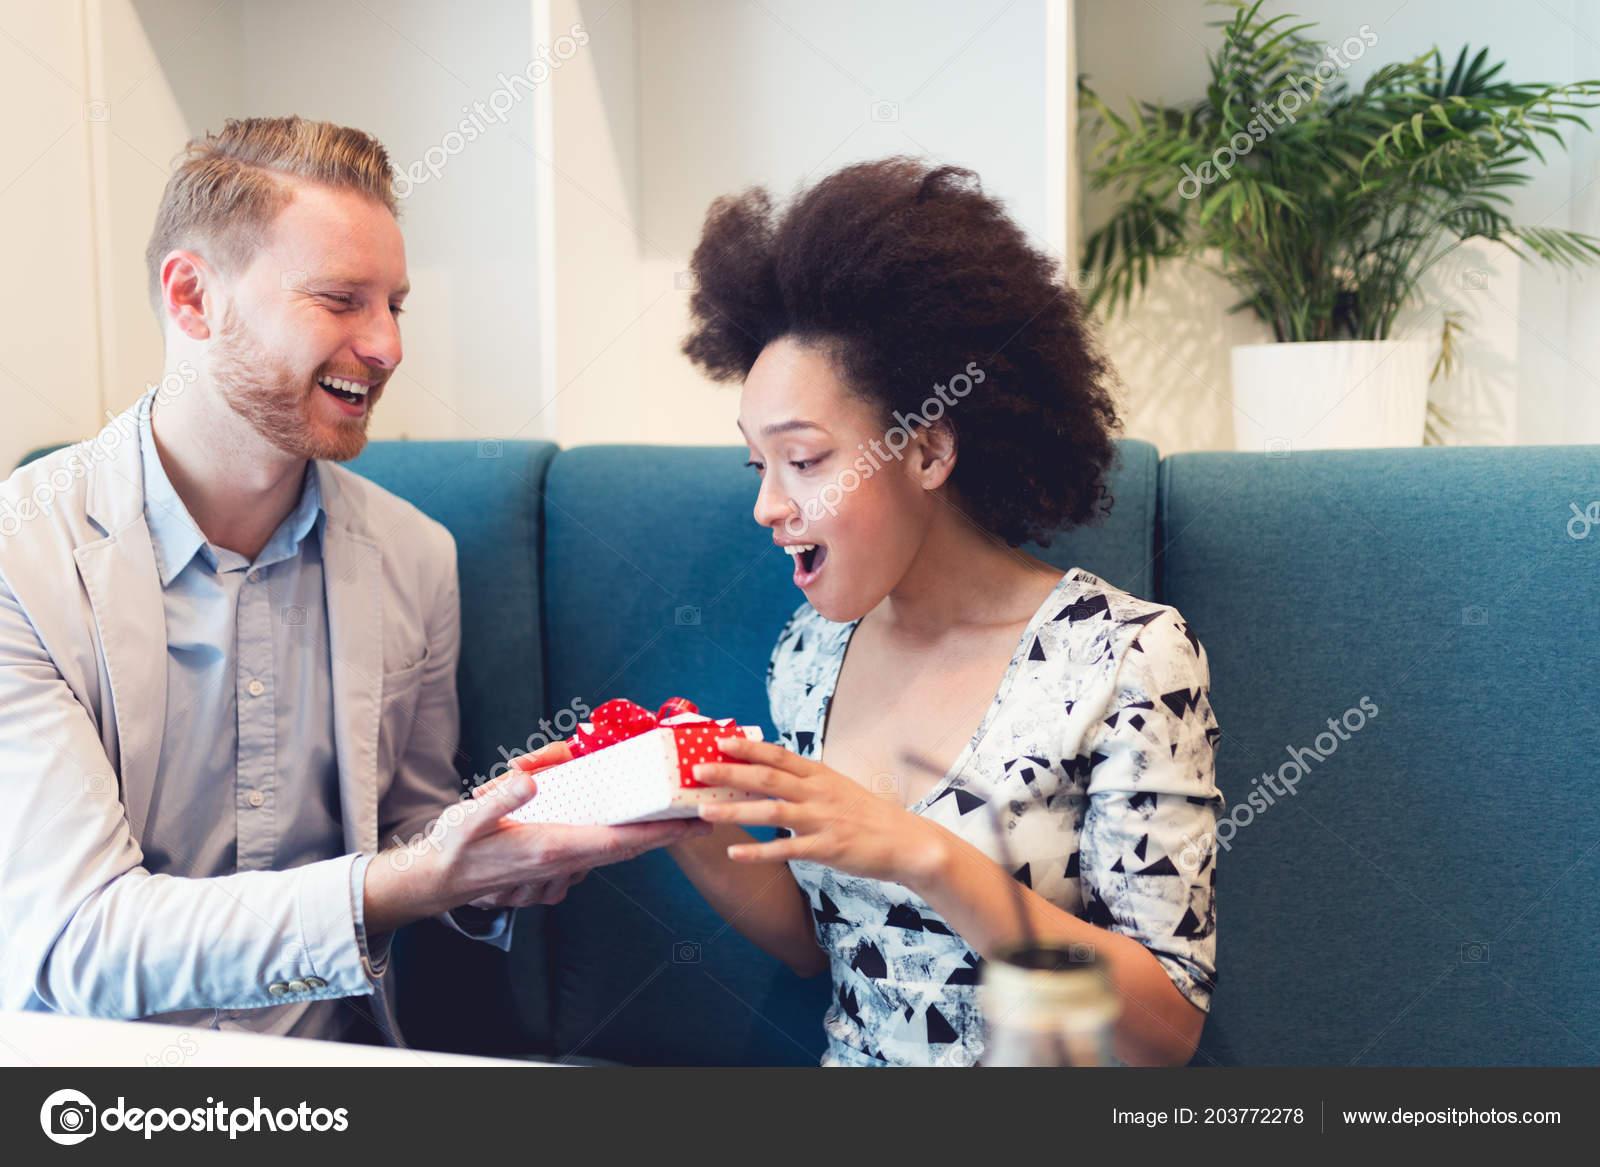 Dating någon lynnig Dejting i mörker på begäran